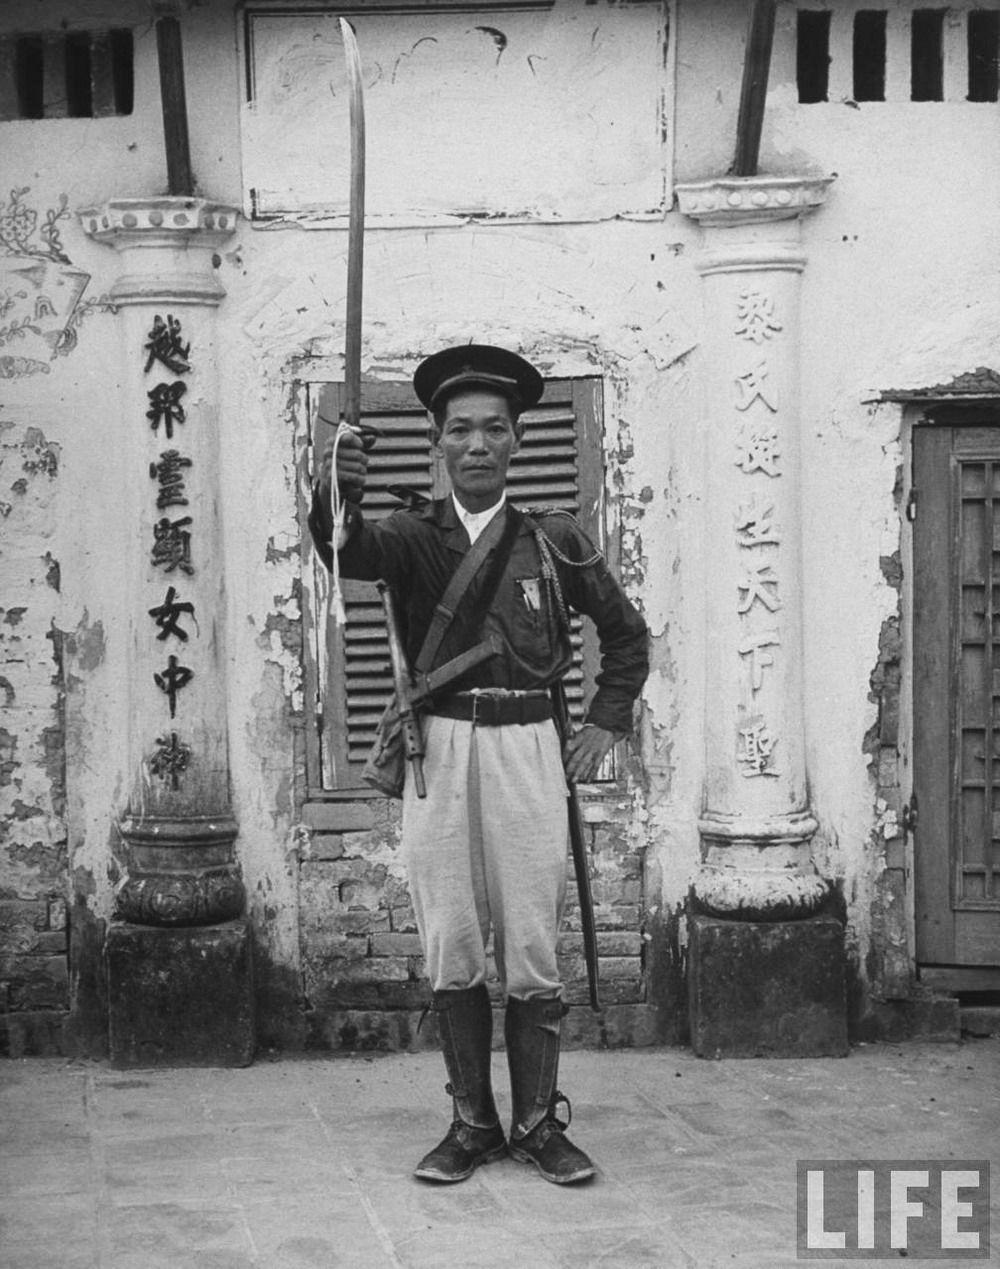 Thiếu nữ Pháp mặc áo tắm, những người đàn ông Việt Nam \